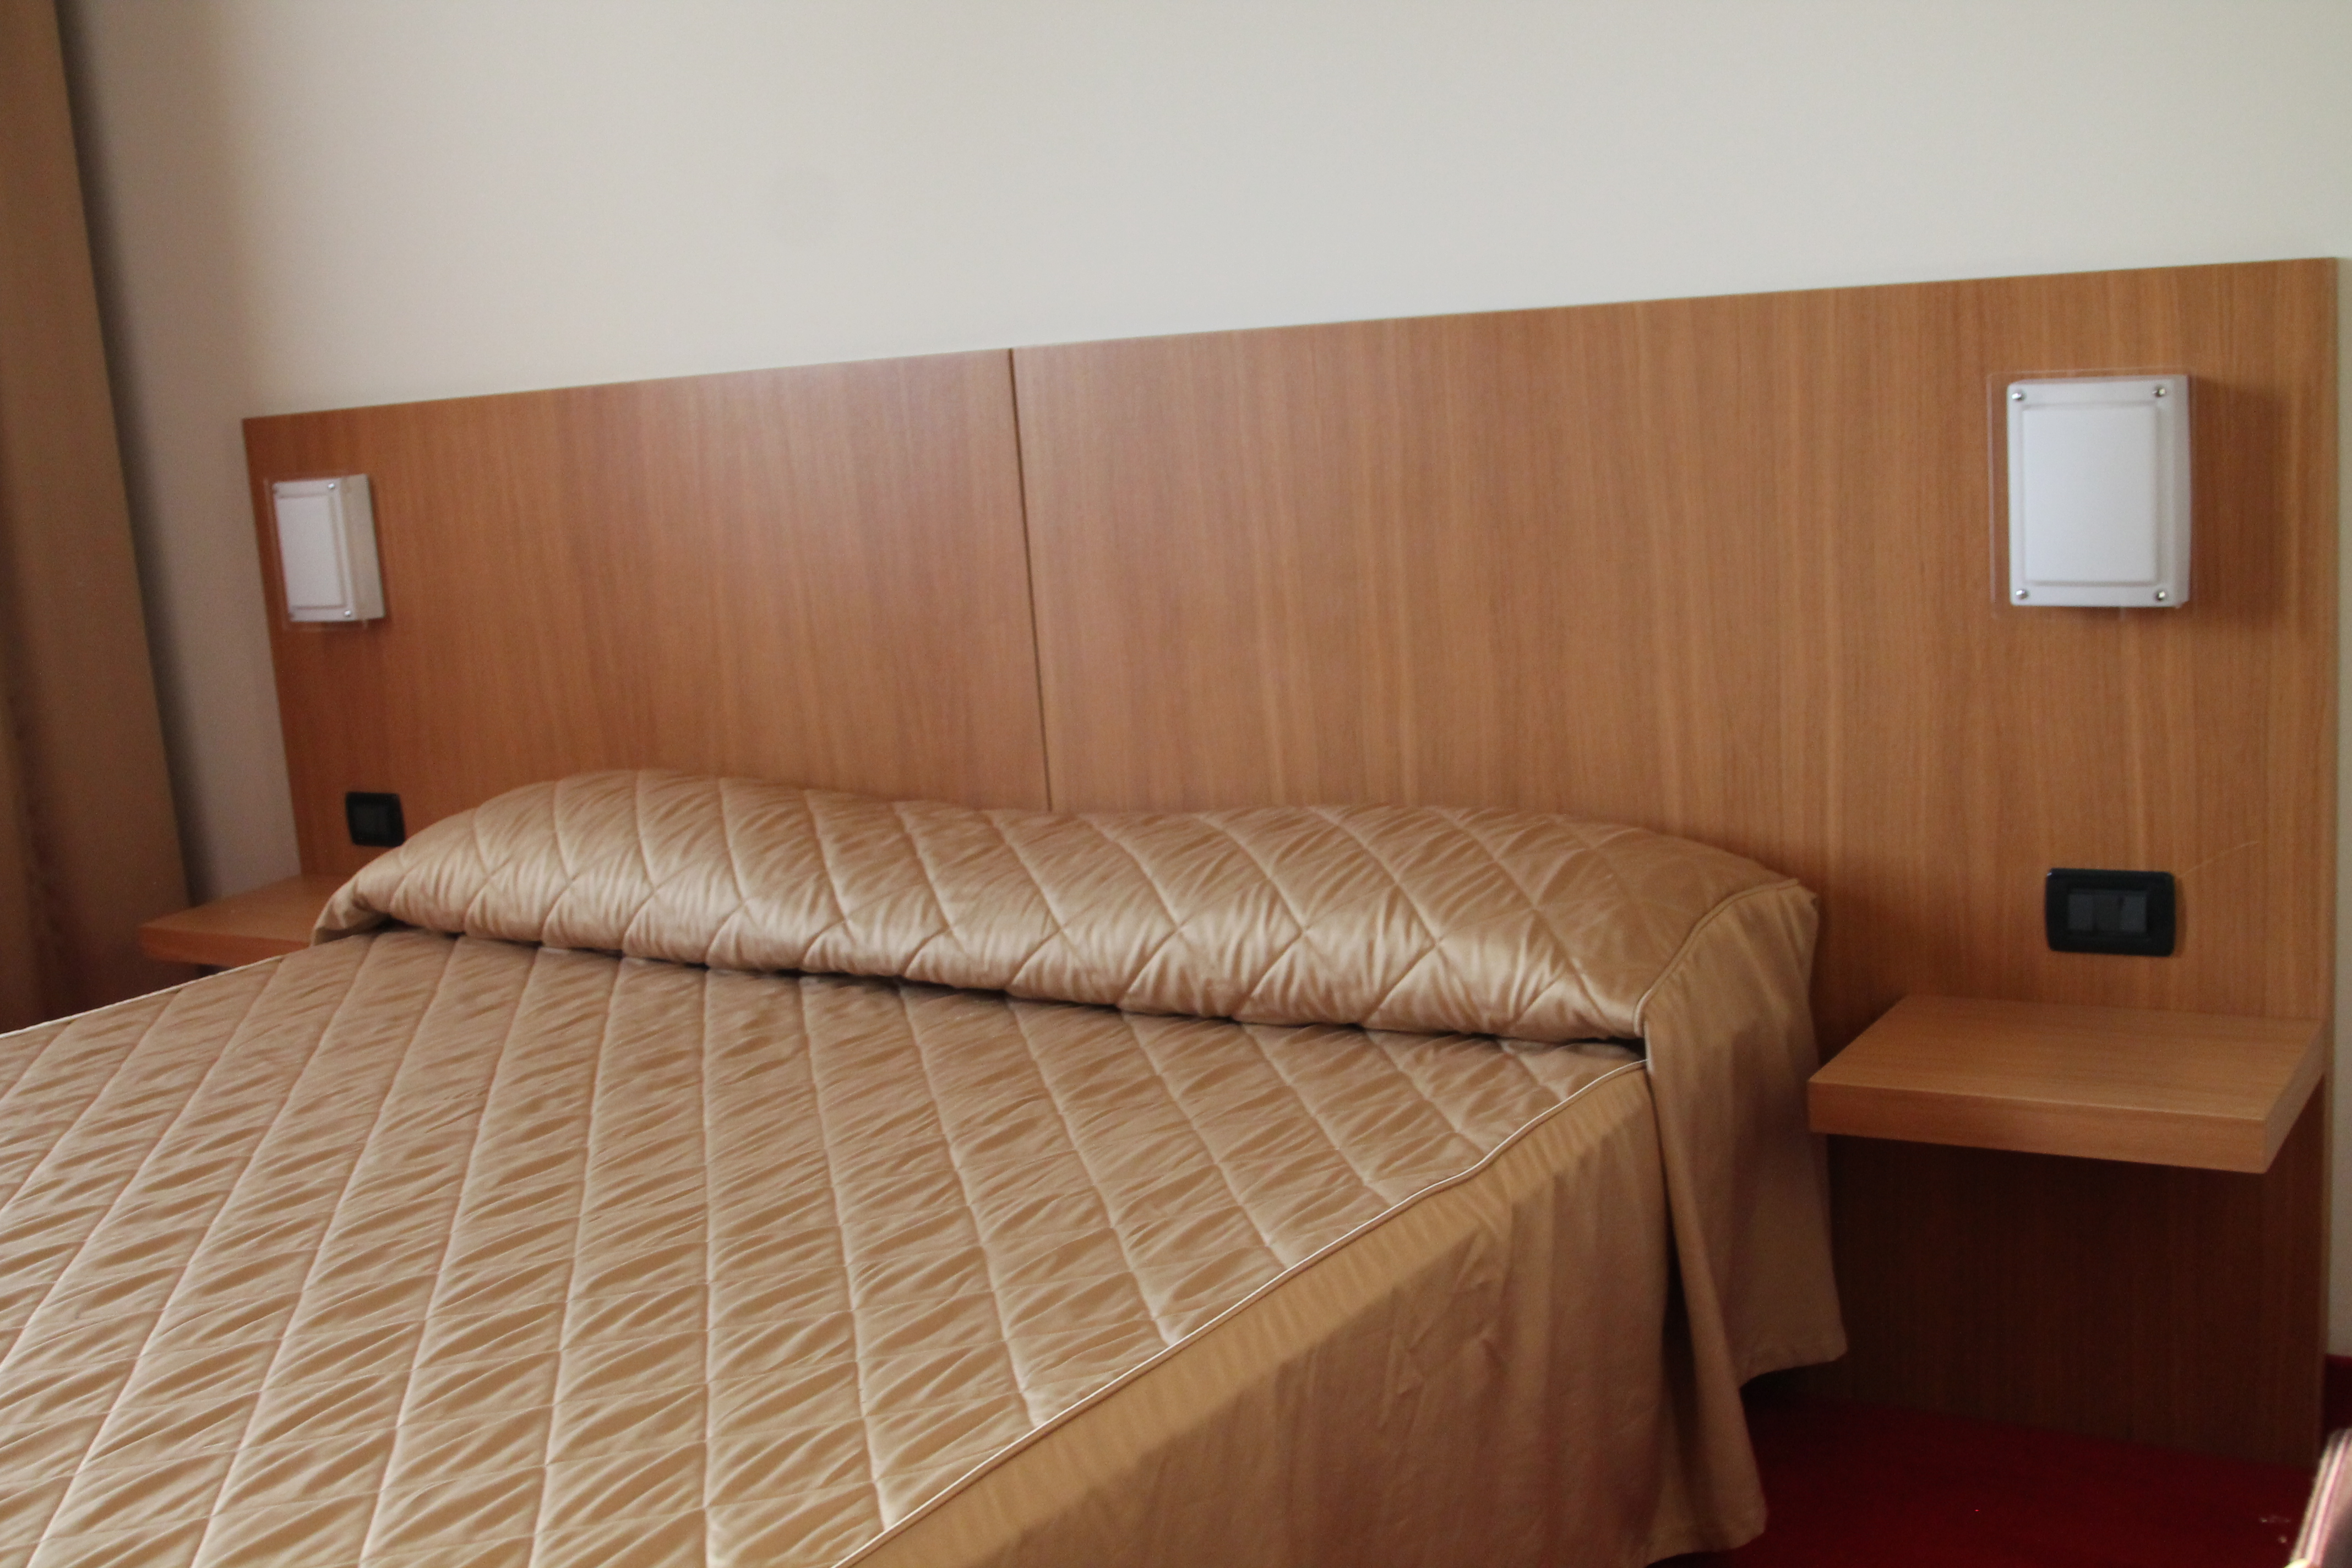 Отзыв об отеле Anusca Palace 4*